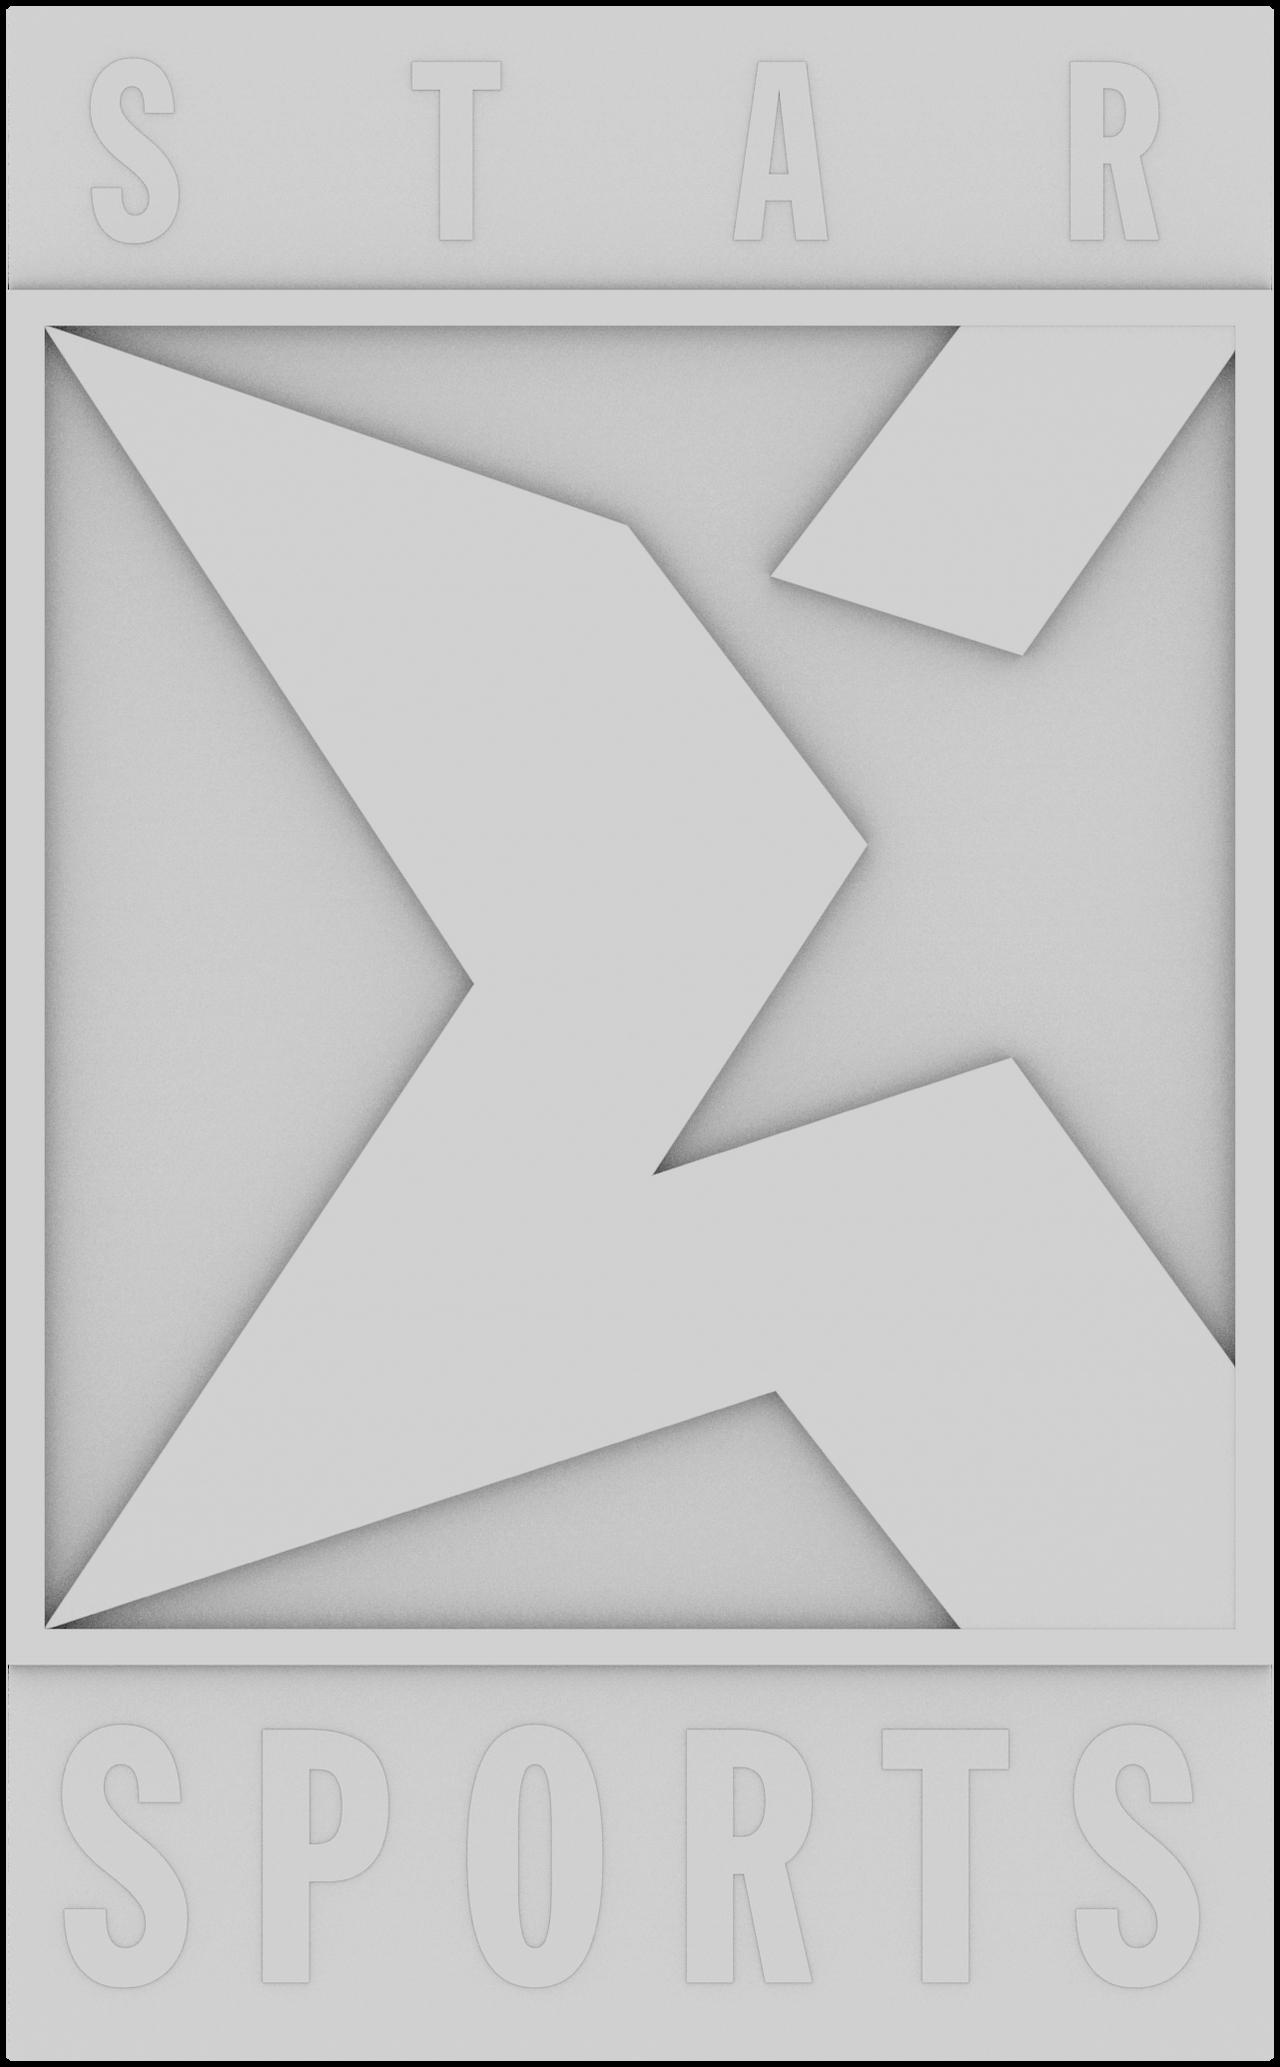 Star Sports 1996 Logo Remake Wip 1 By Unitedworldmedia On Deviantart